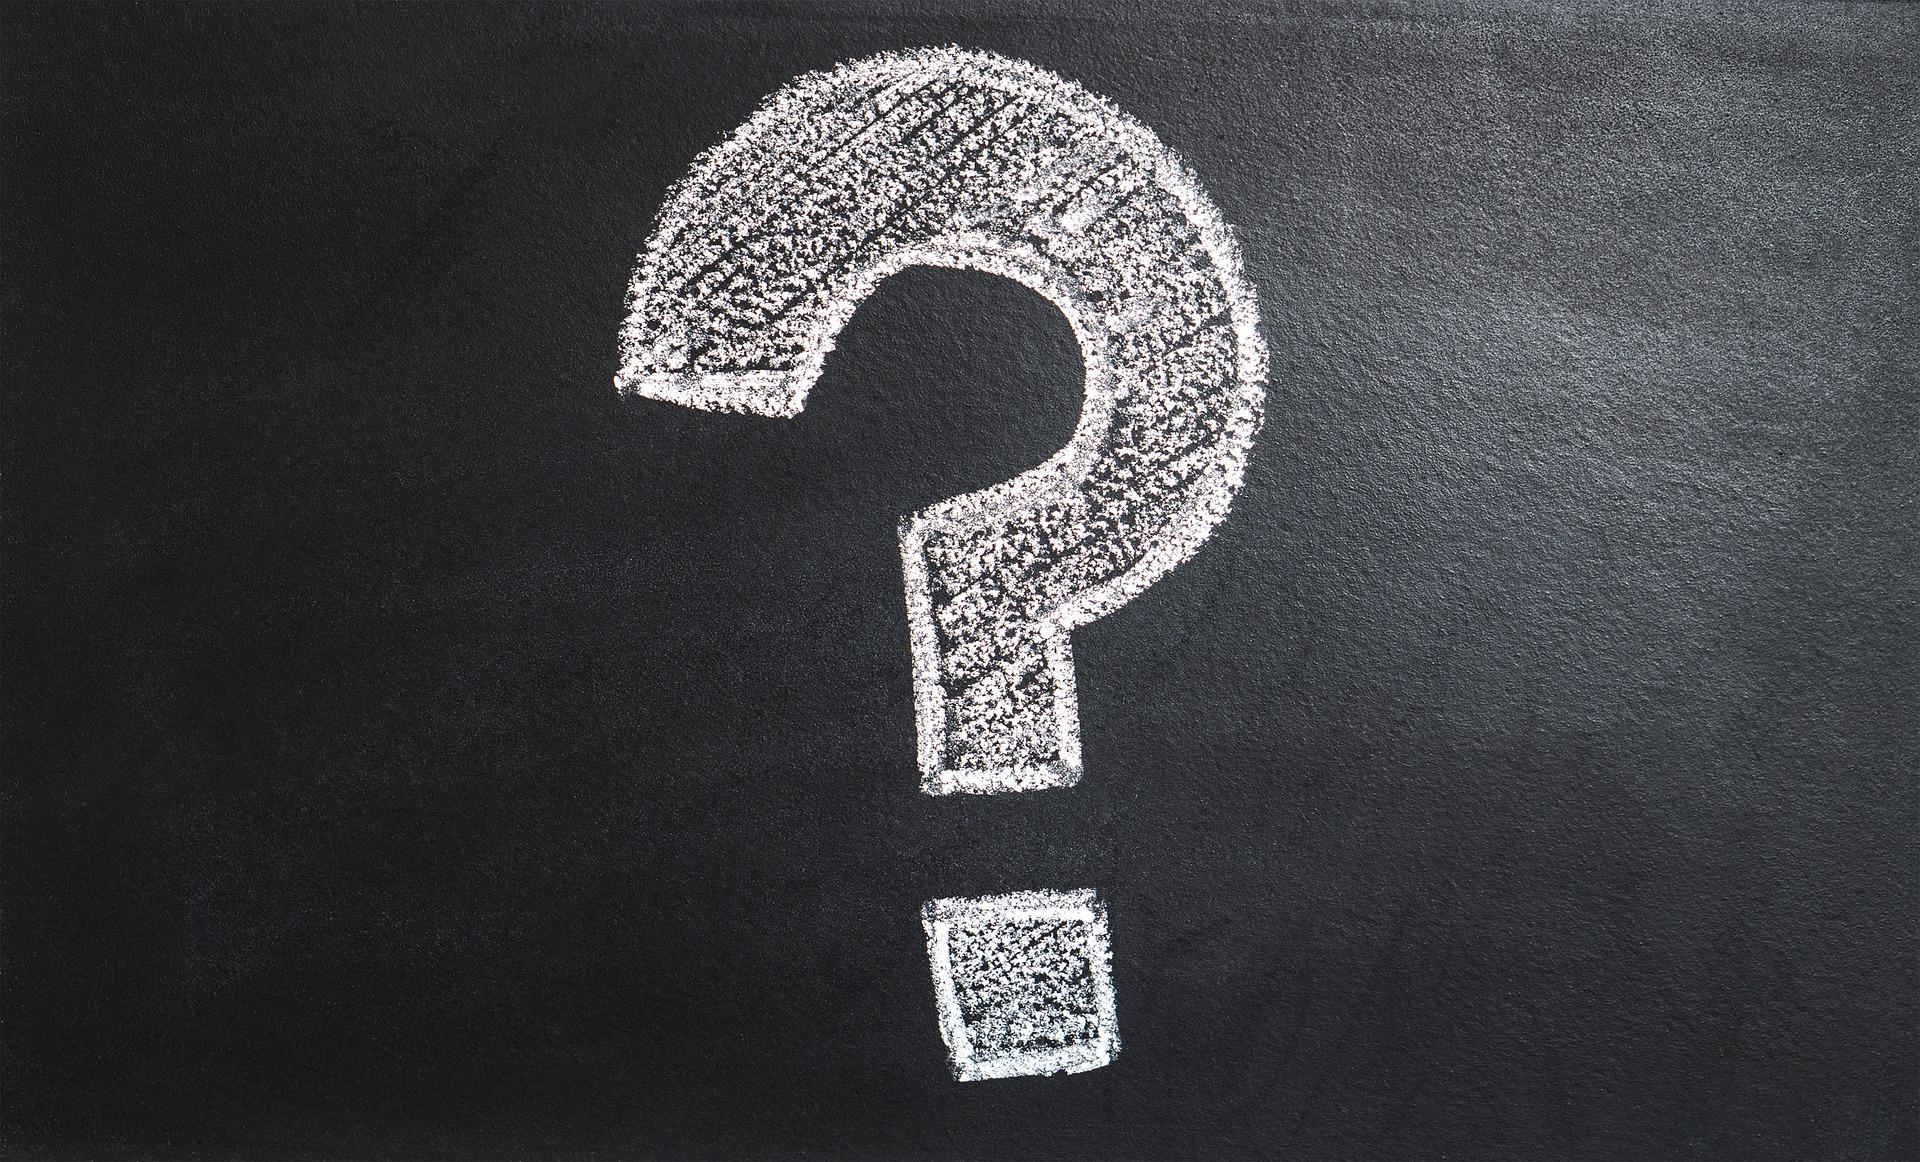 Rivoluzione del pensiero: non risposte ma domande